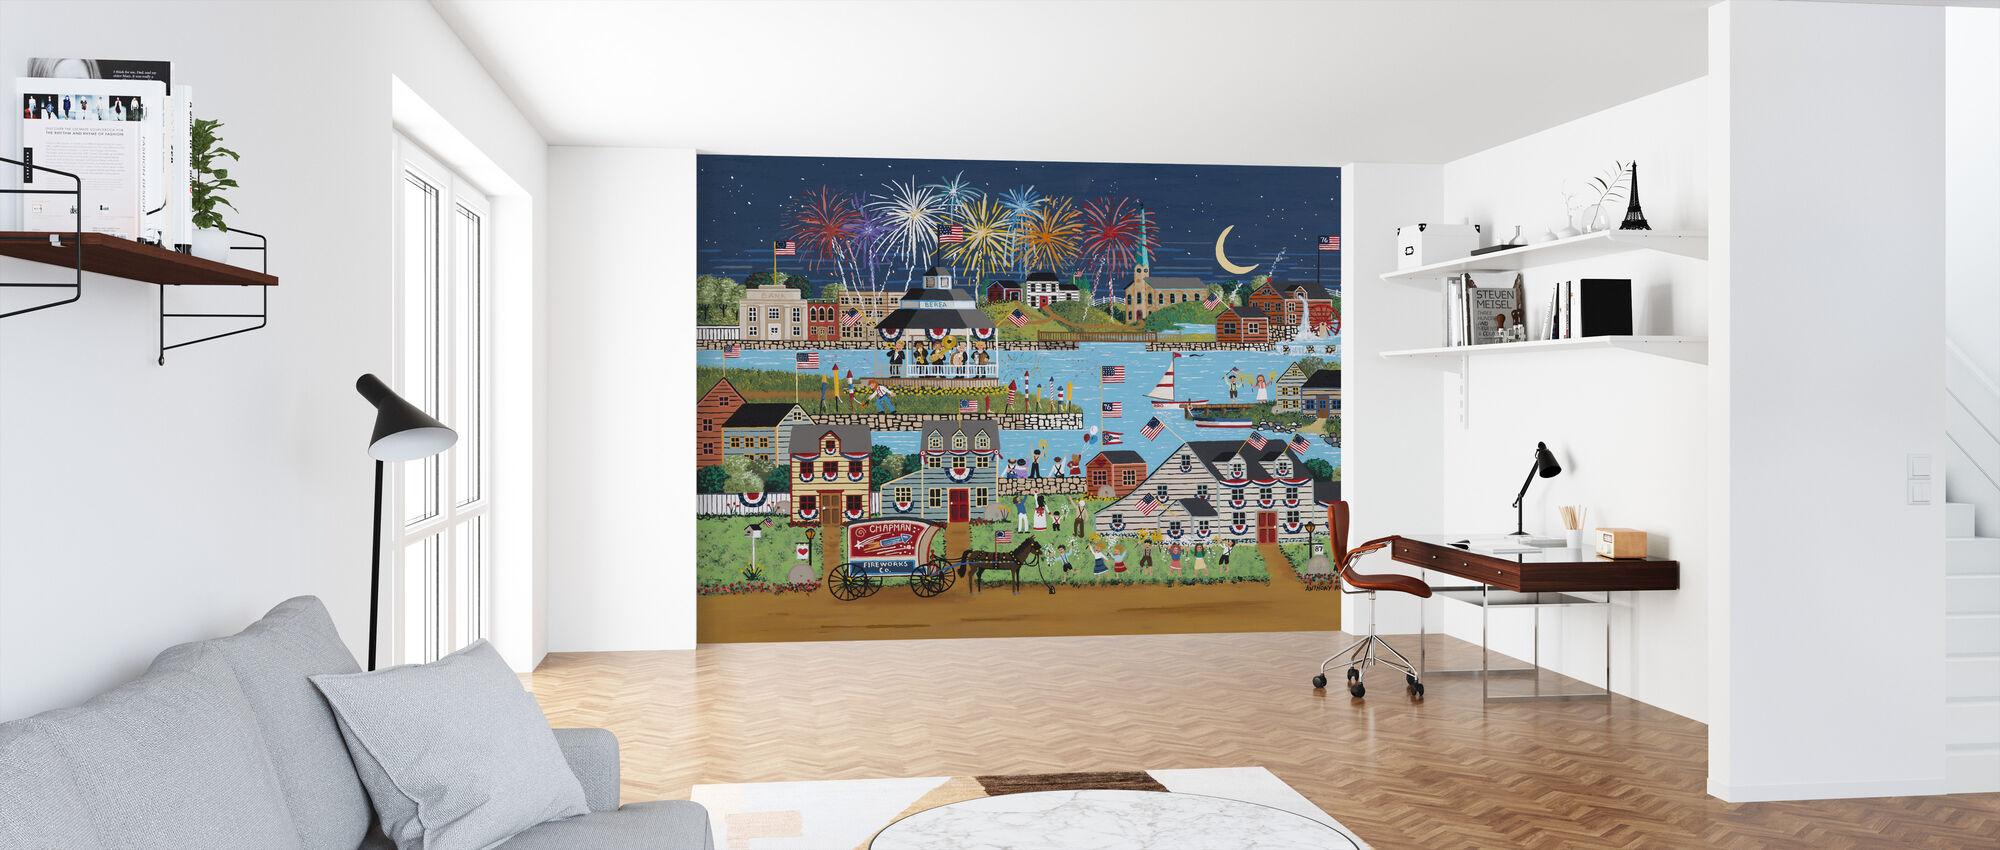 Fireworks over Coe Lake - Wallpaper - Office